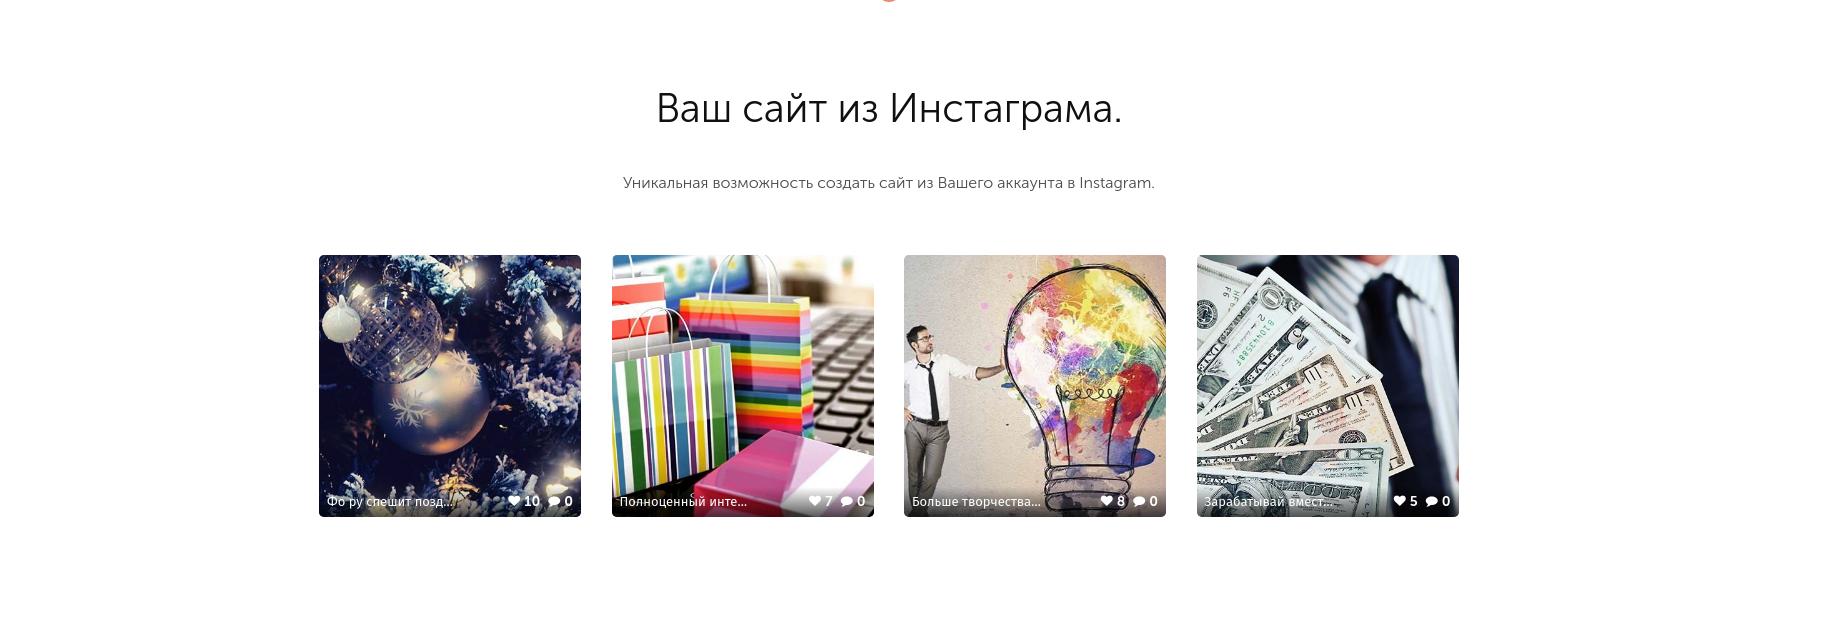 Обновлённый механизм создания сайта из Instagram